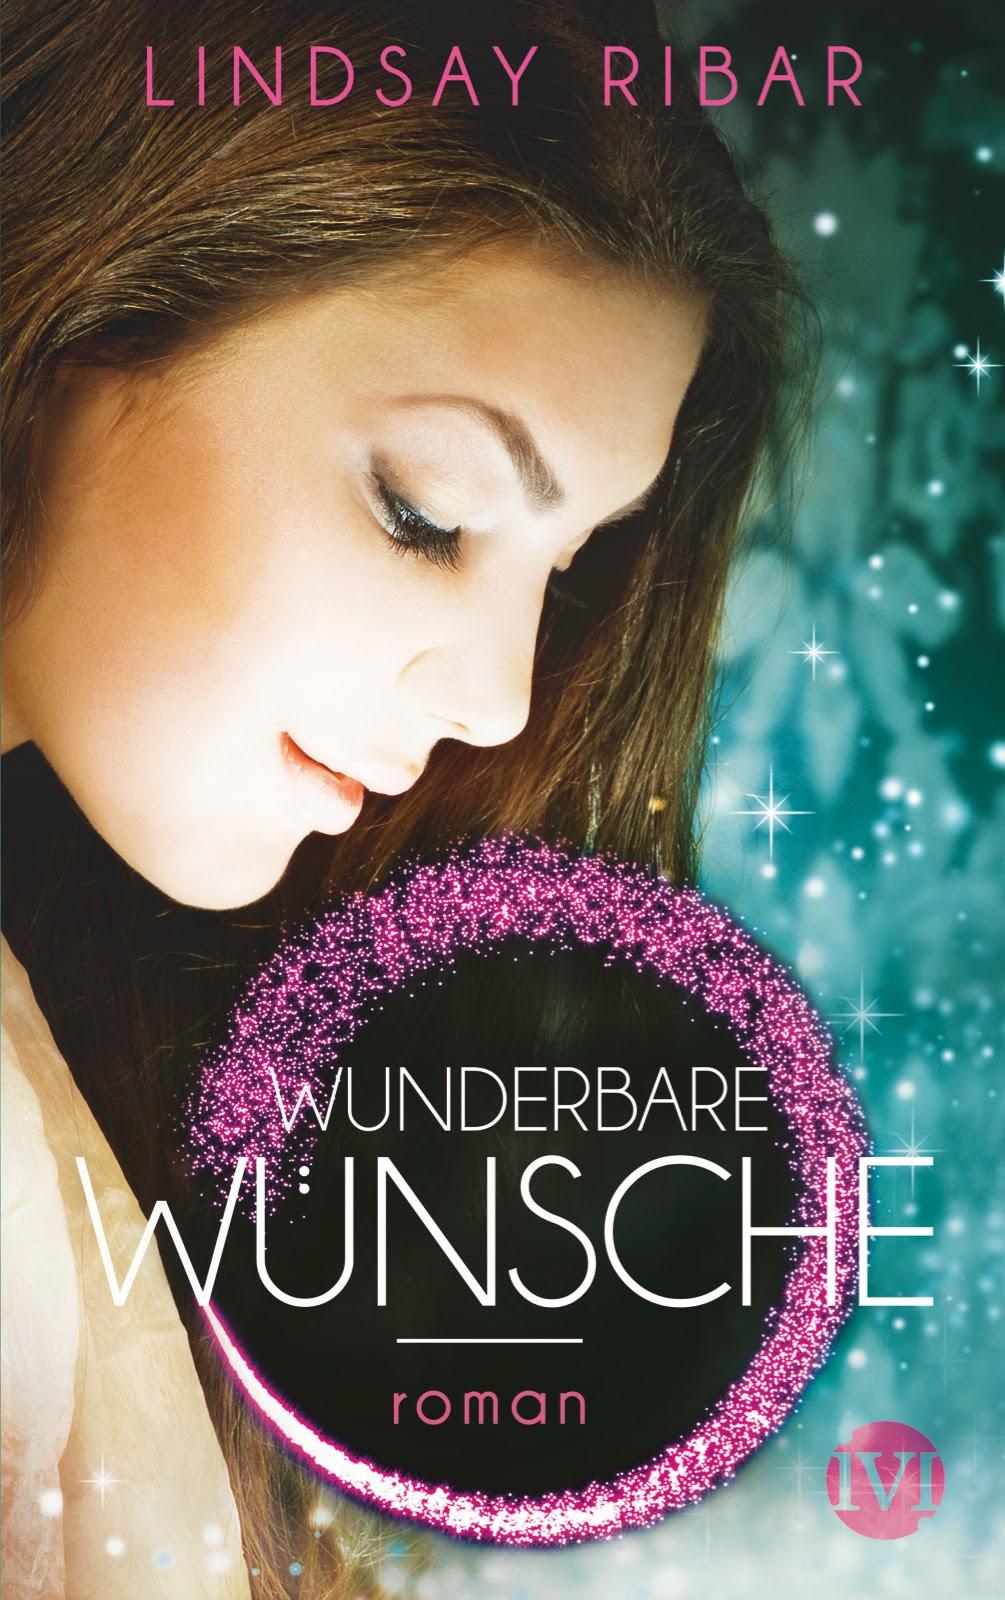 http://manjasbuchregal.blogspot.de/2015/01/gelesen-wunderbare-wunsche-von-lindsay.html